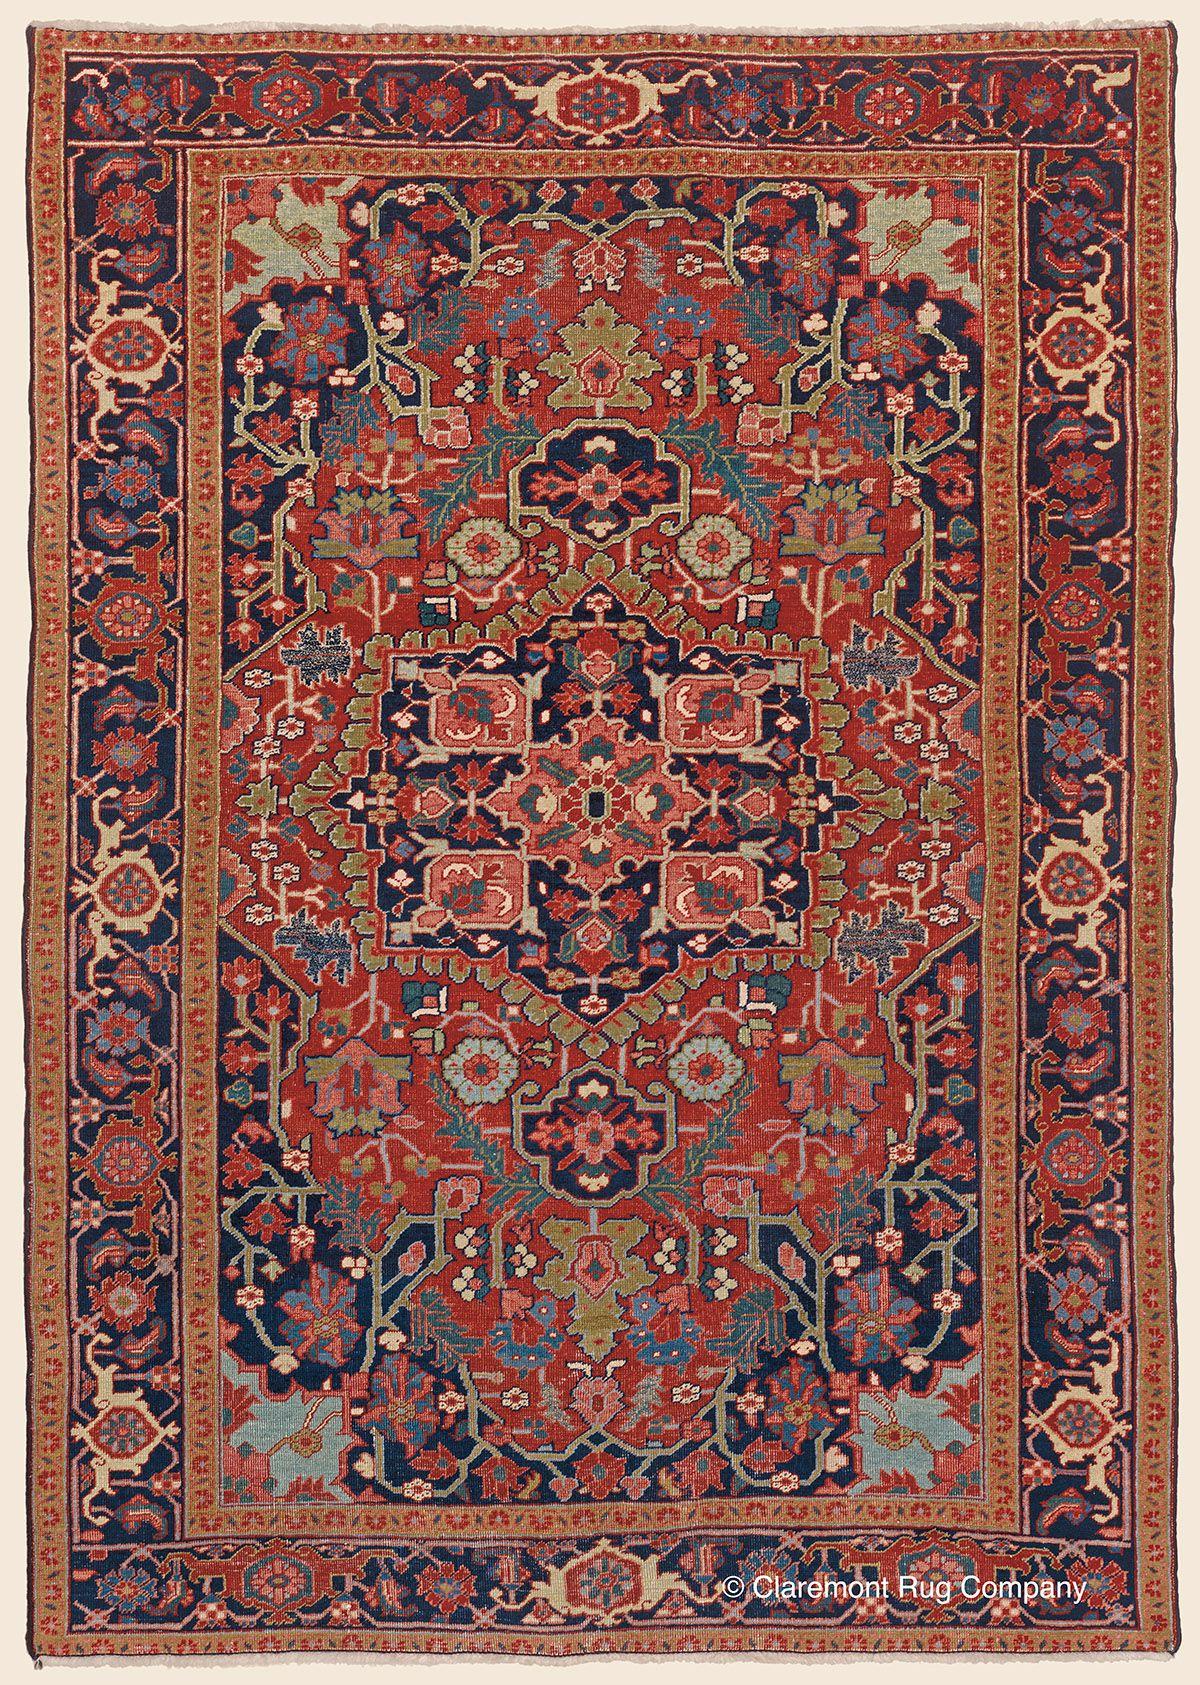 Antique Circa 1900 Northwest Persian High Decorative Serapi Rug 4 9 X 6 11 Claremont Rug Company Serapi Rug Rug Company